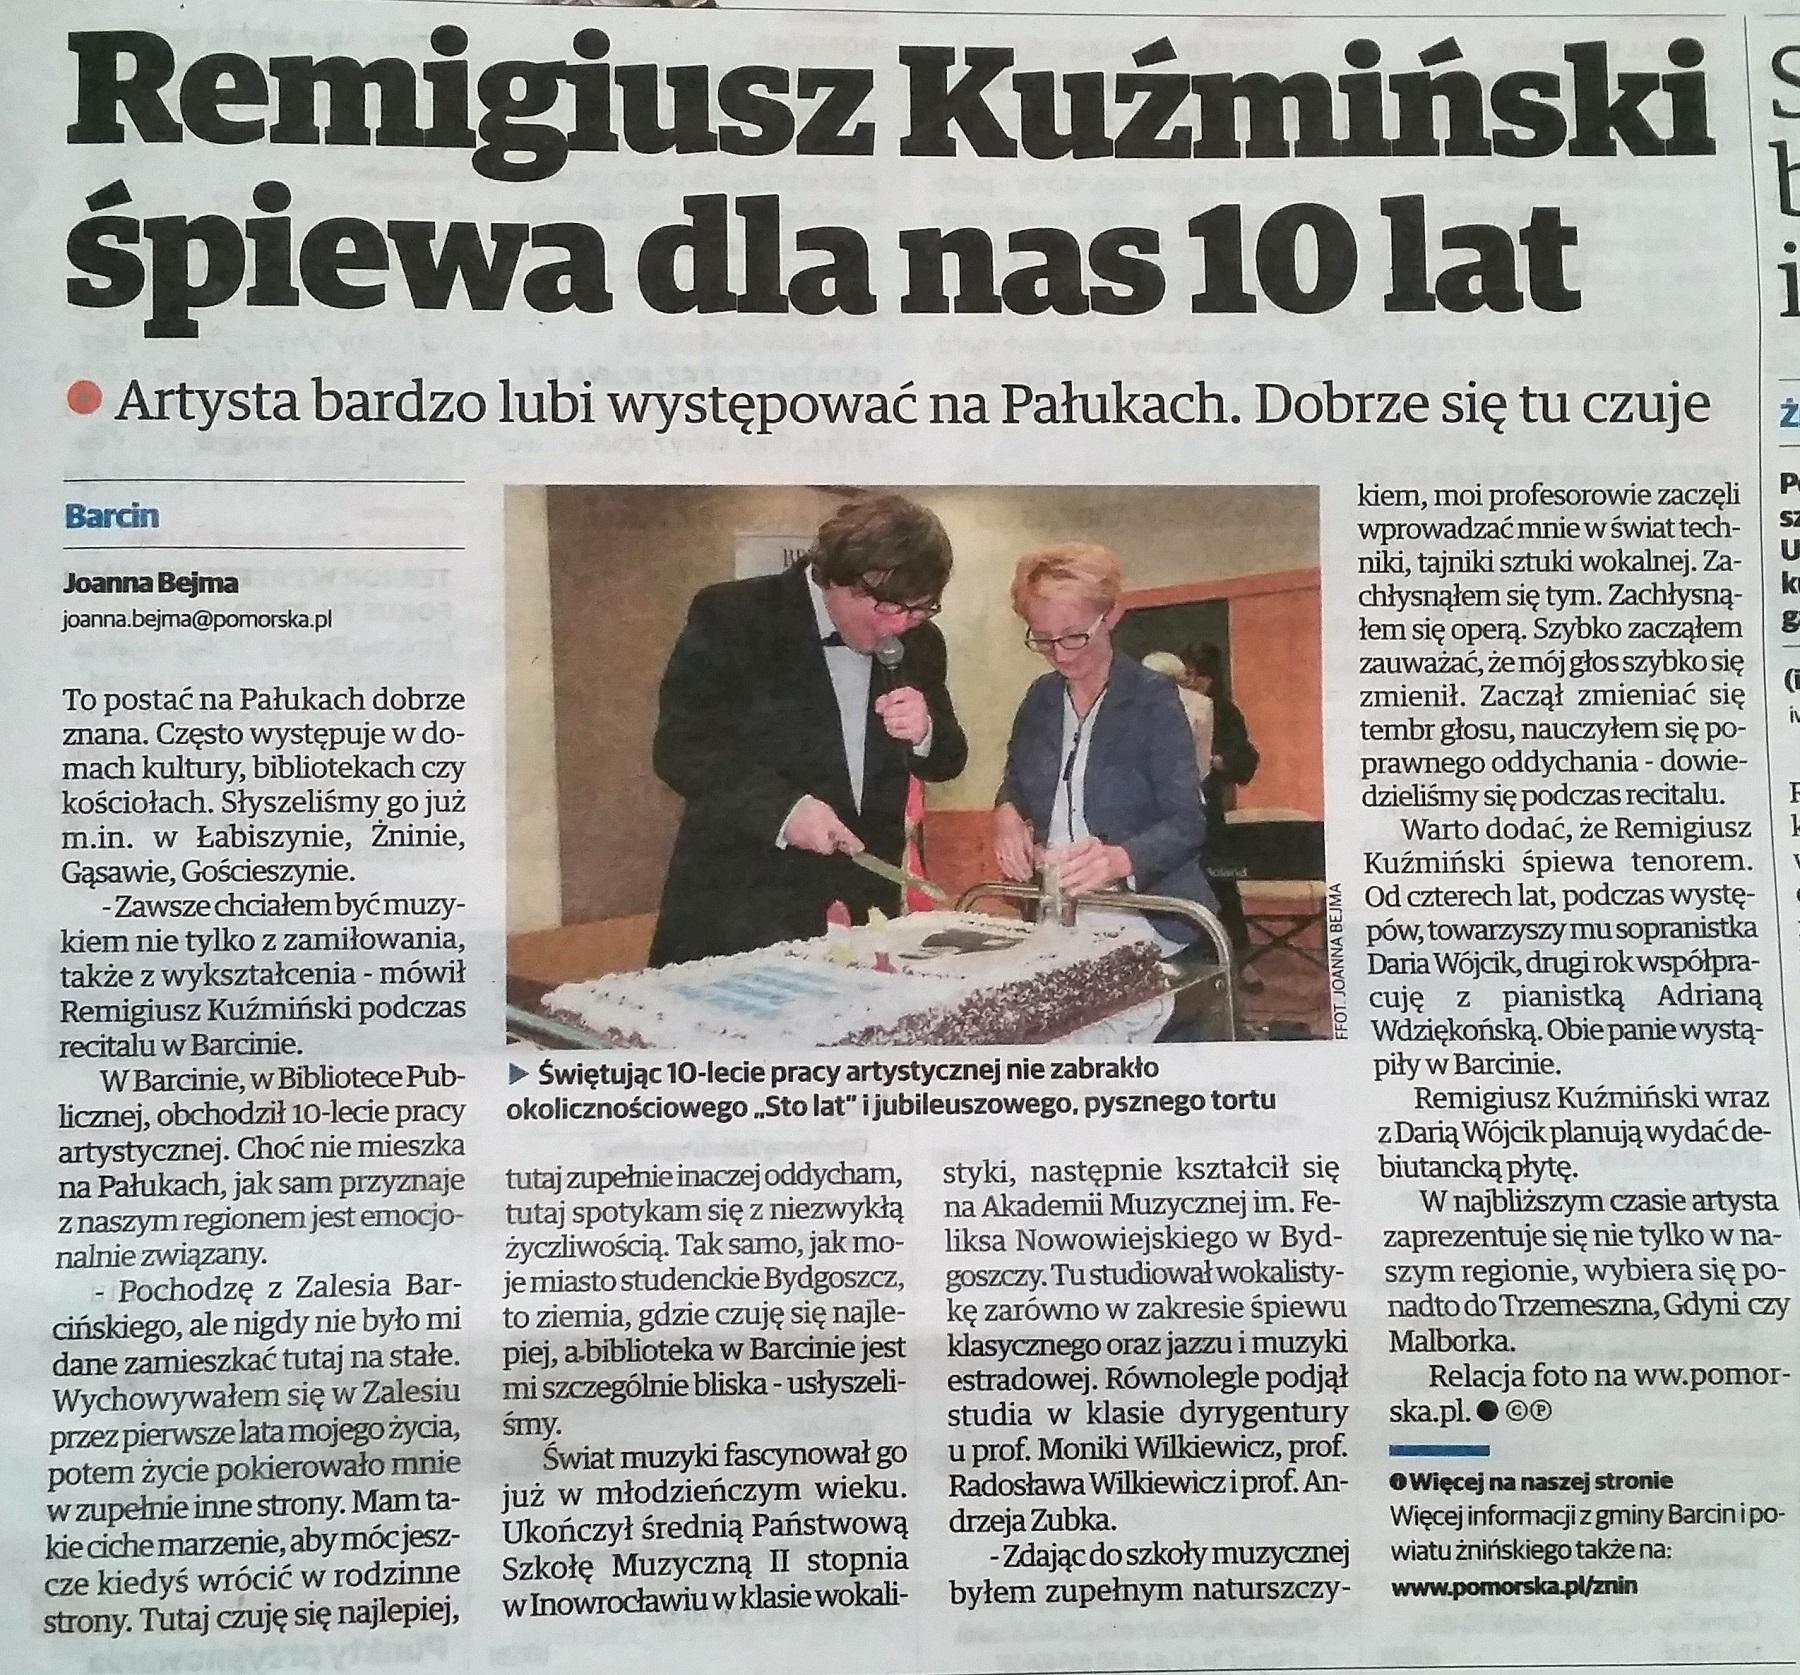 Tenis stoowy: AZS UMCS Optima Lublin z brzowym